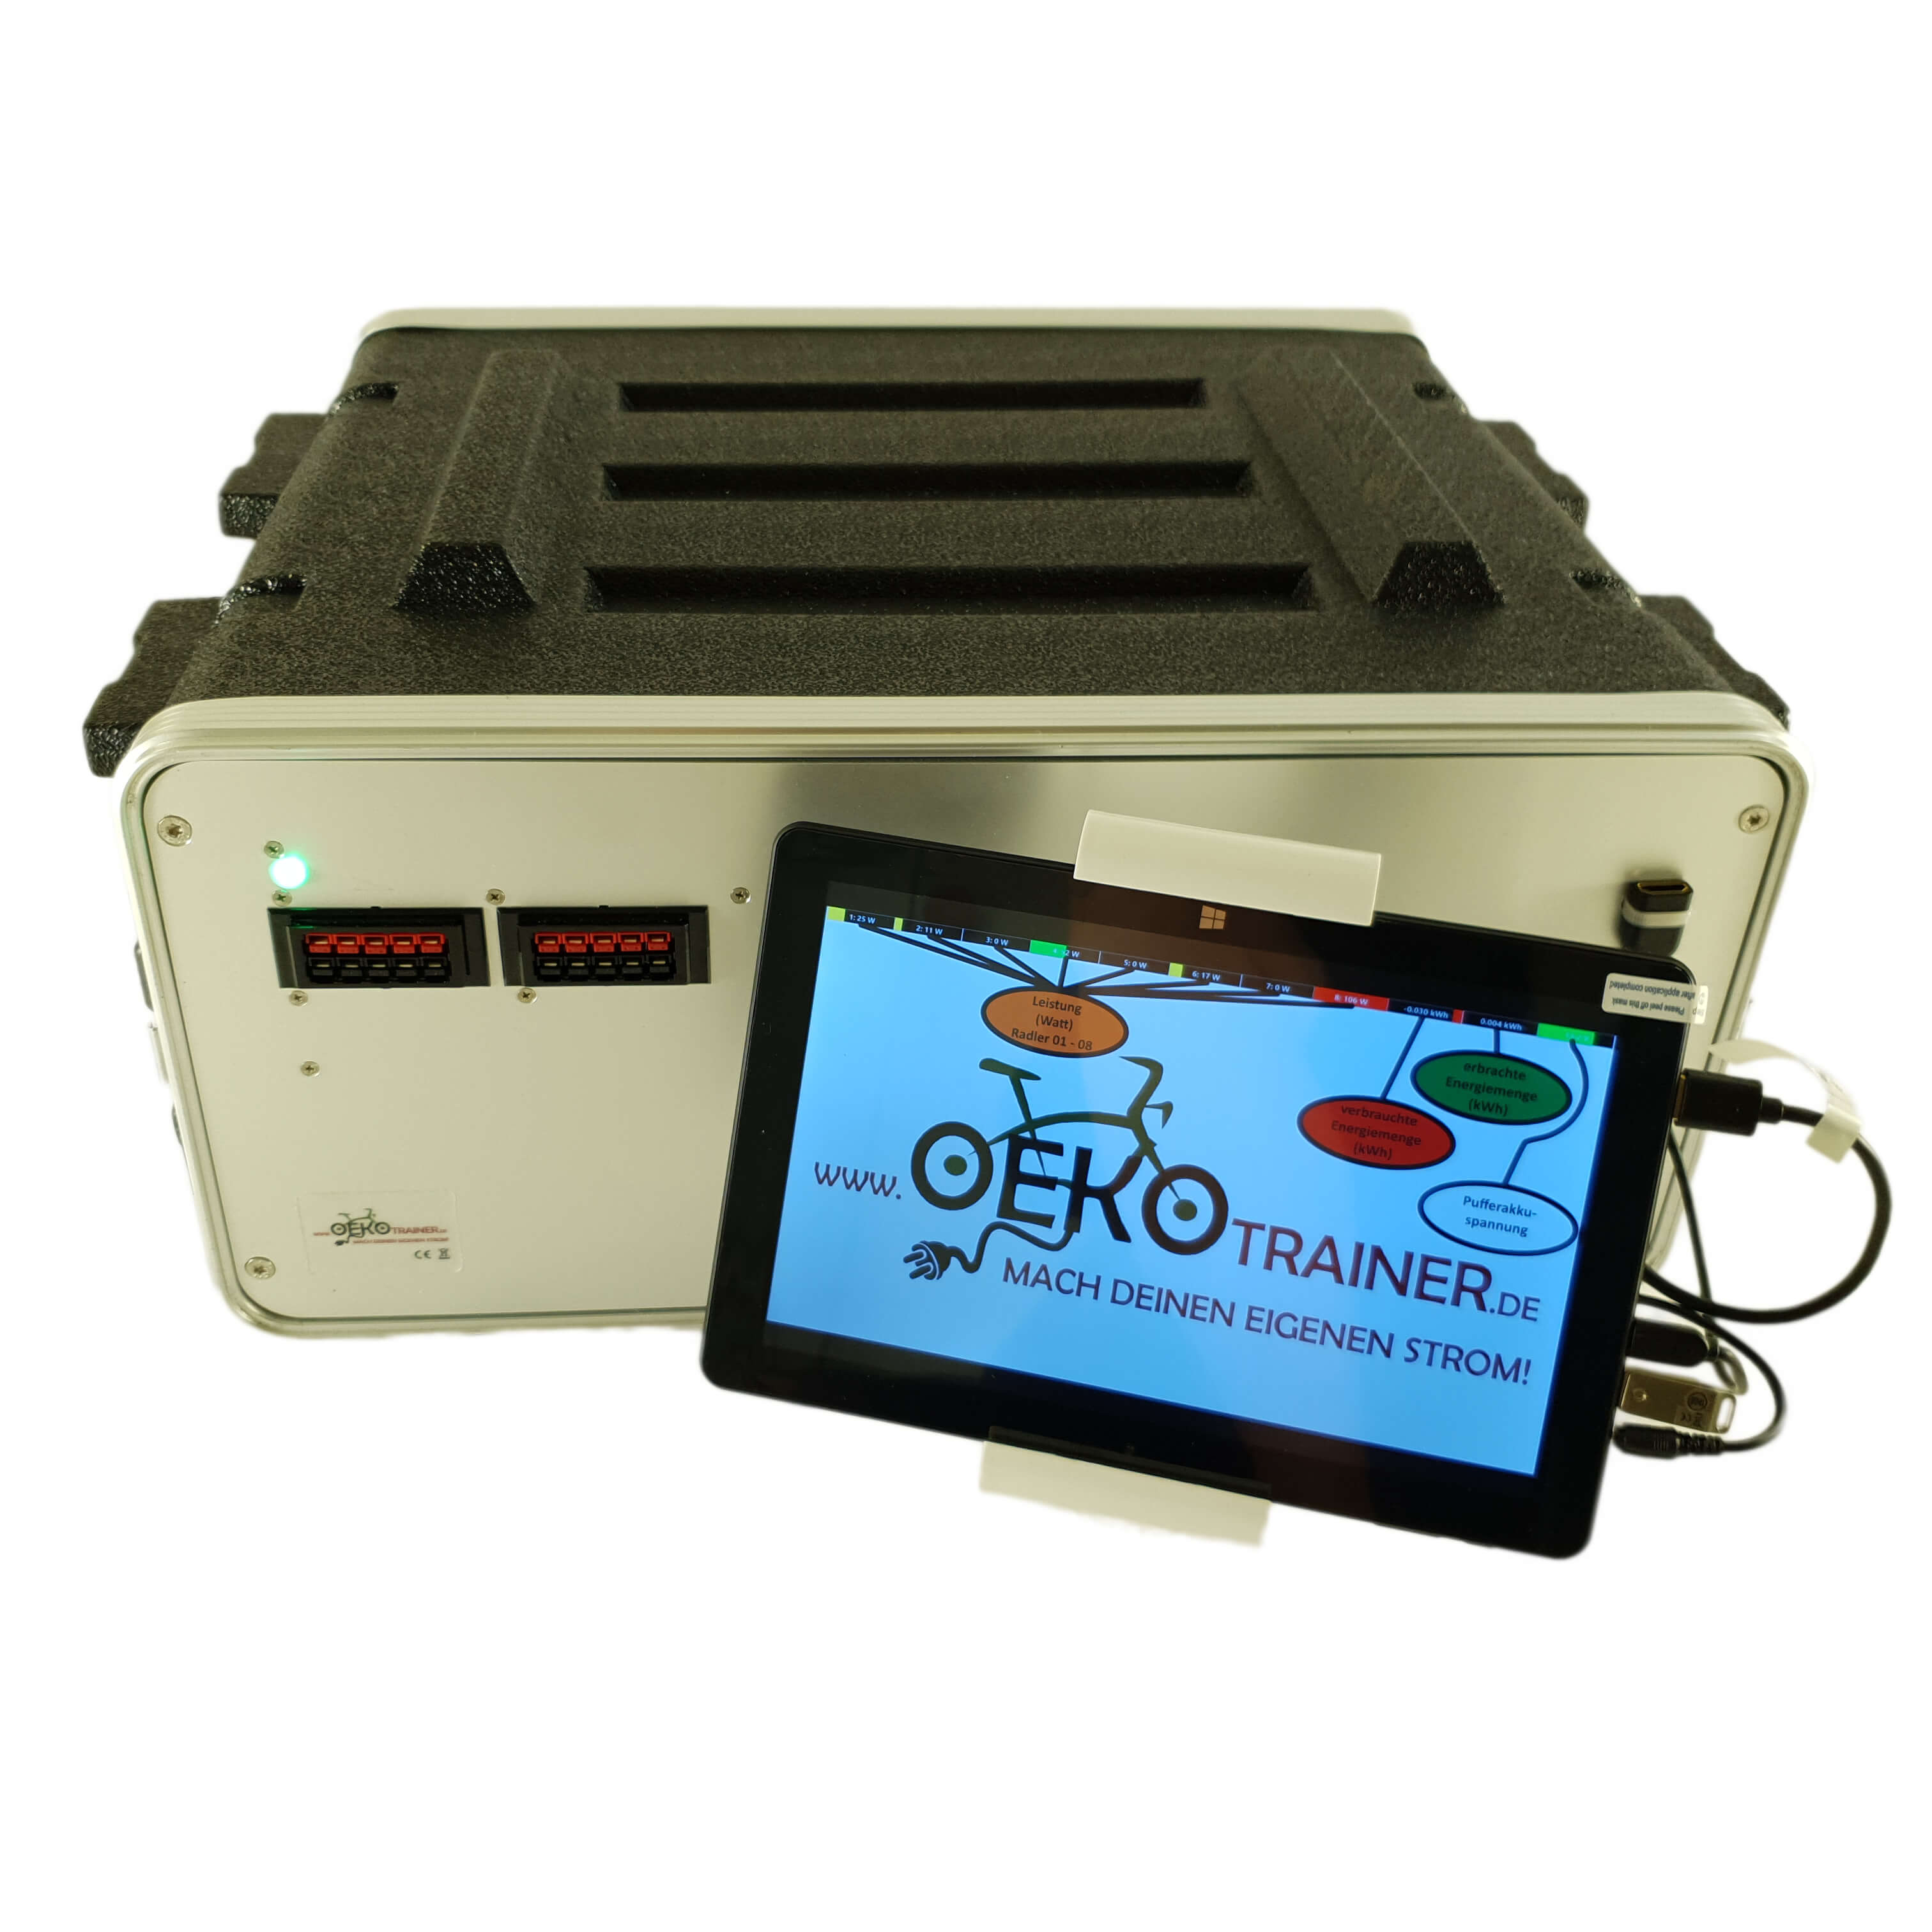 Beim Fahrradkino erzeugen 8 Oekotrainer die Energie um einen Beamer und eine PA mit Strom zu versorgen. Die Leistung der Fahrer wird in den Film eingeblendet.